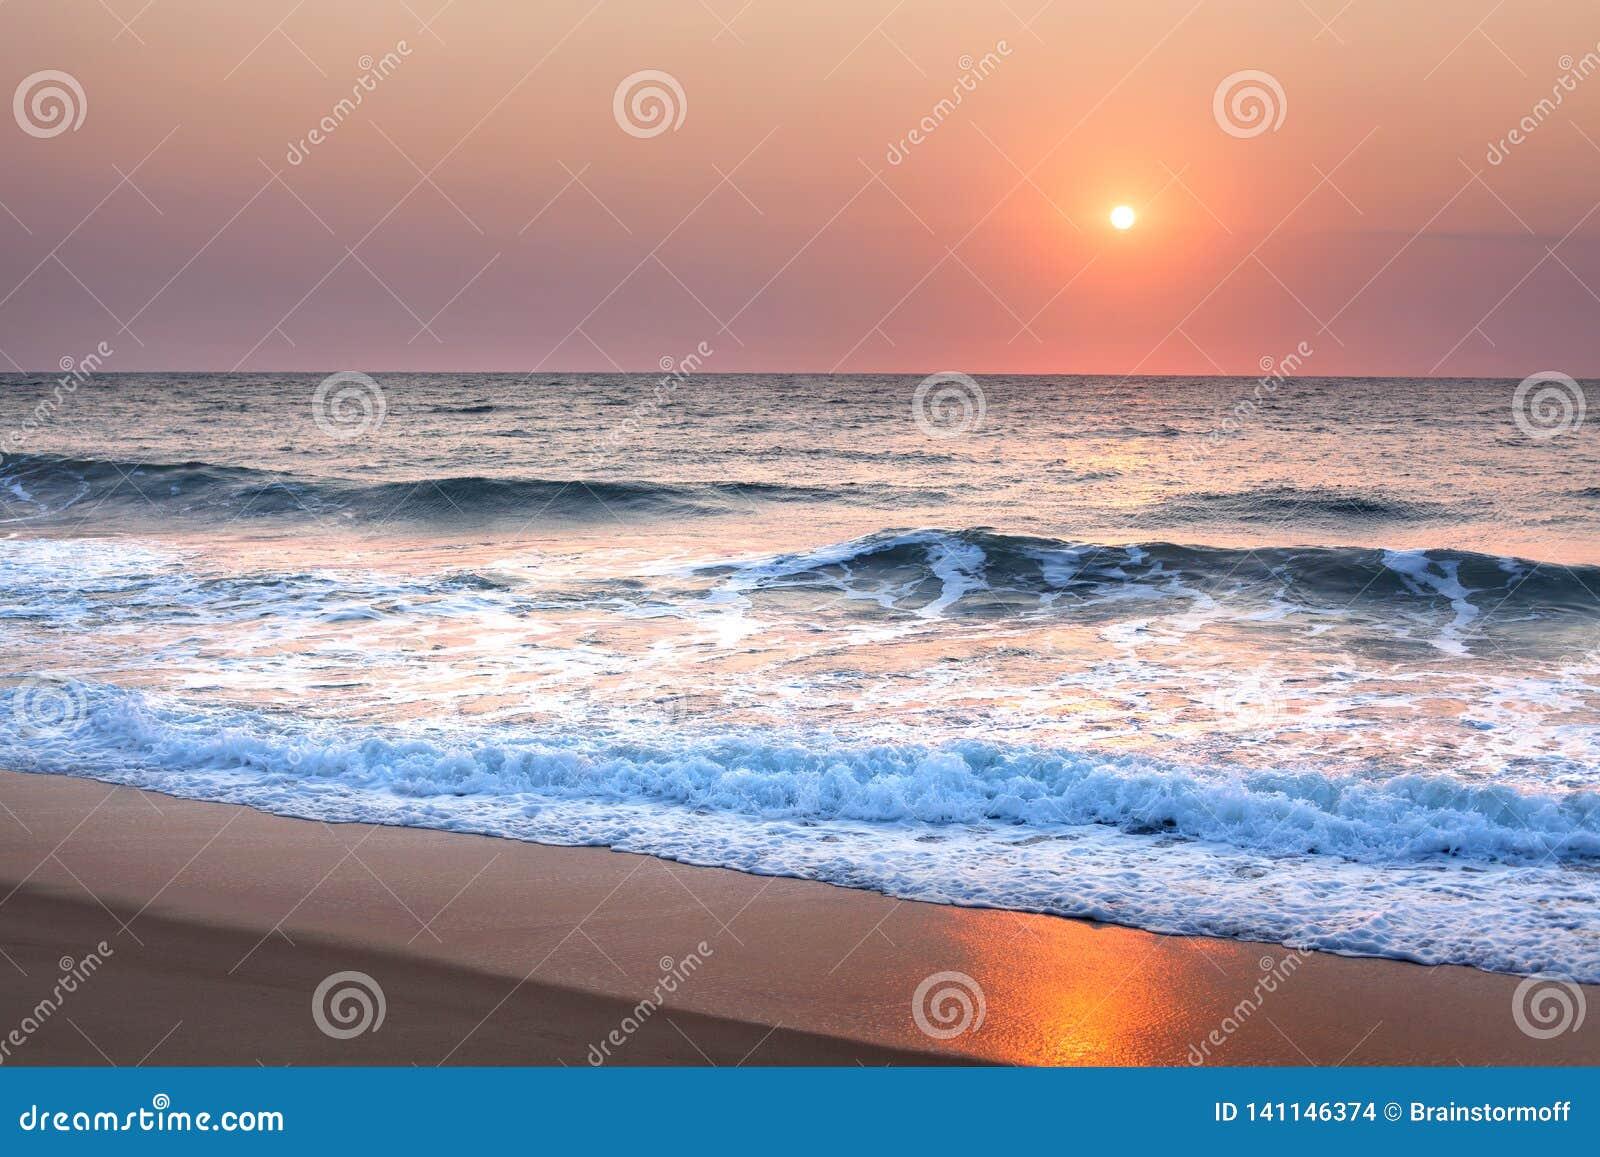 Overweldigende zonsondergang of zonsopgang over het overzees of de oceaan op het strand, de purpere hemel, de blauwe golven, het